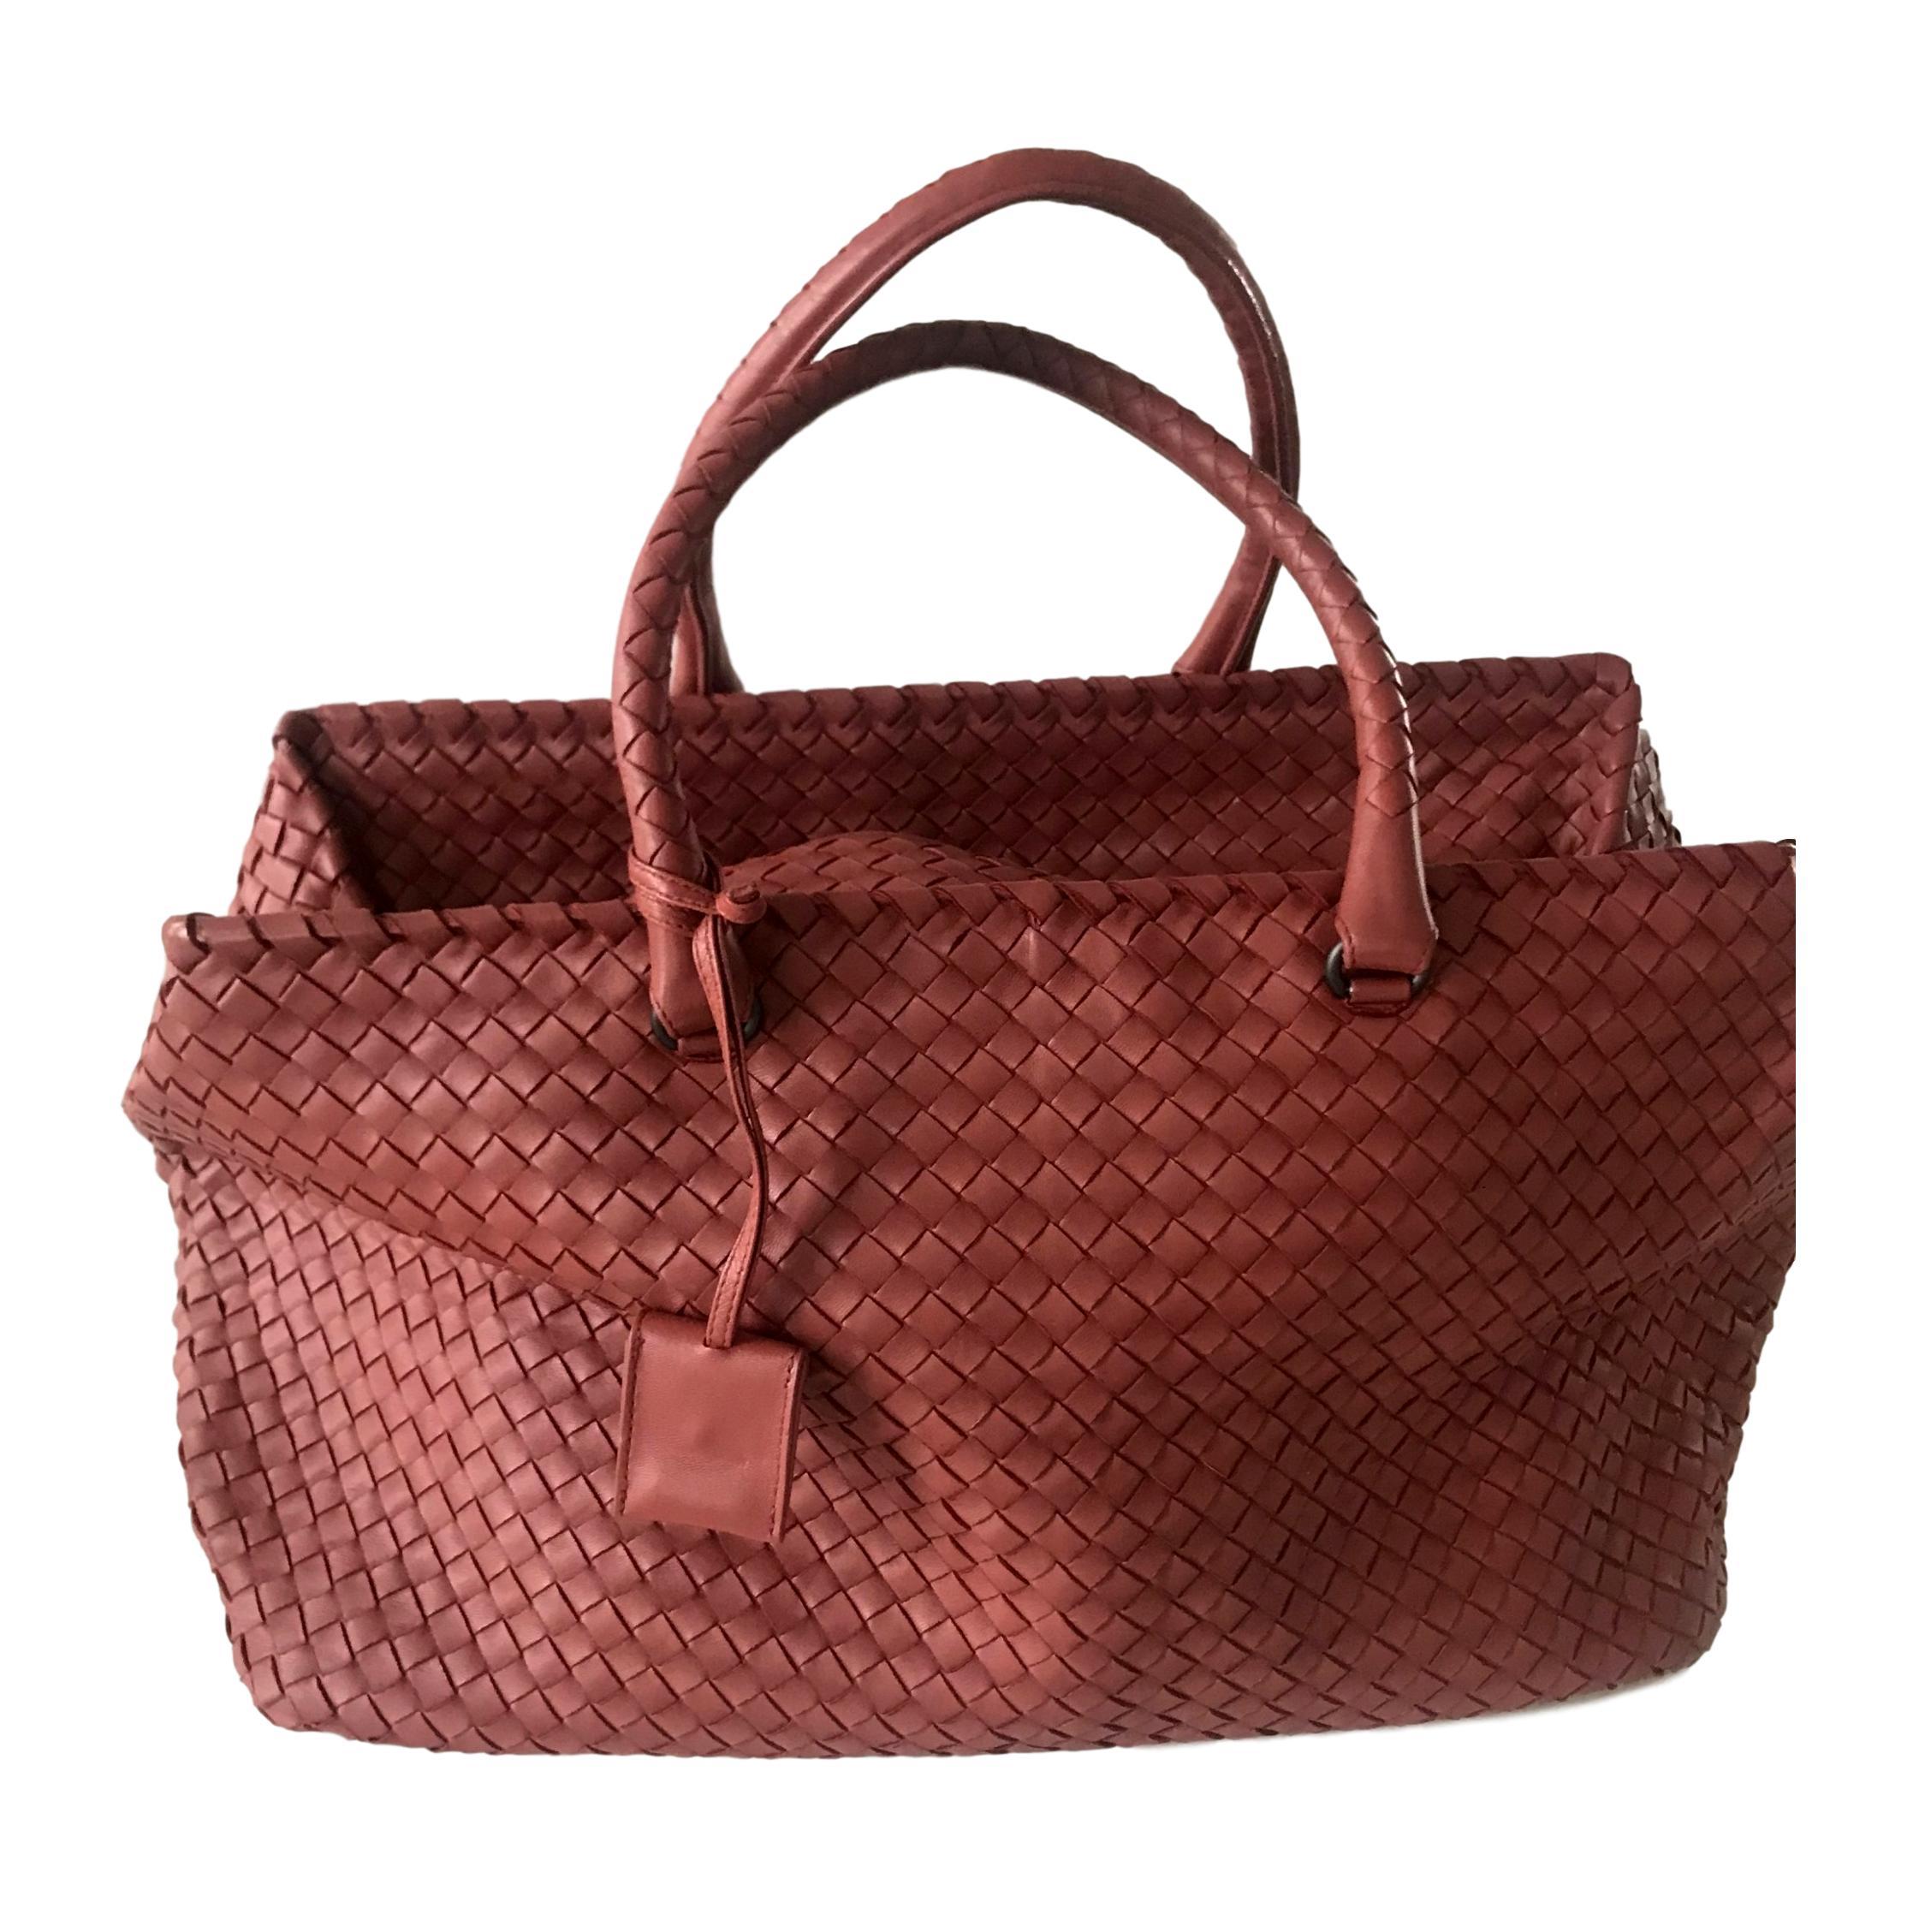 сумка боттега венета купить в интернет